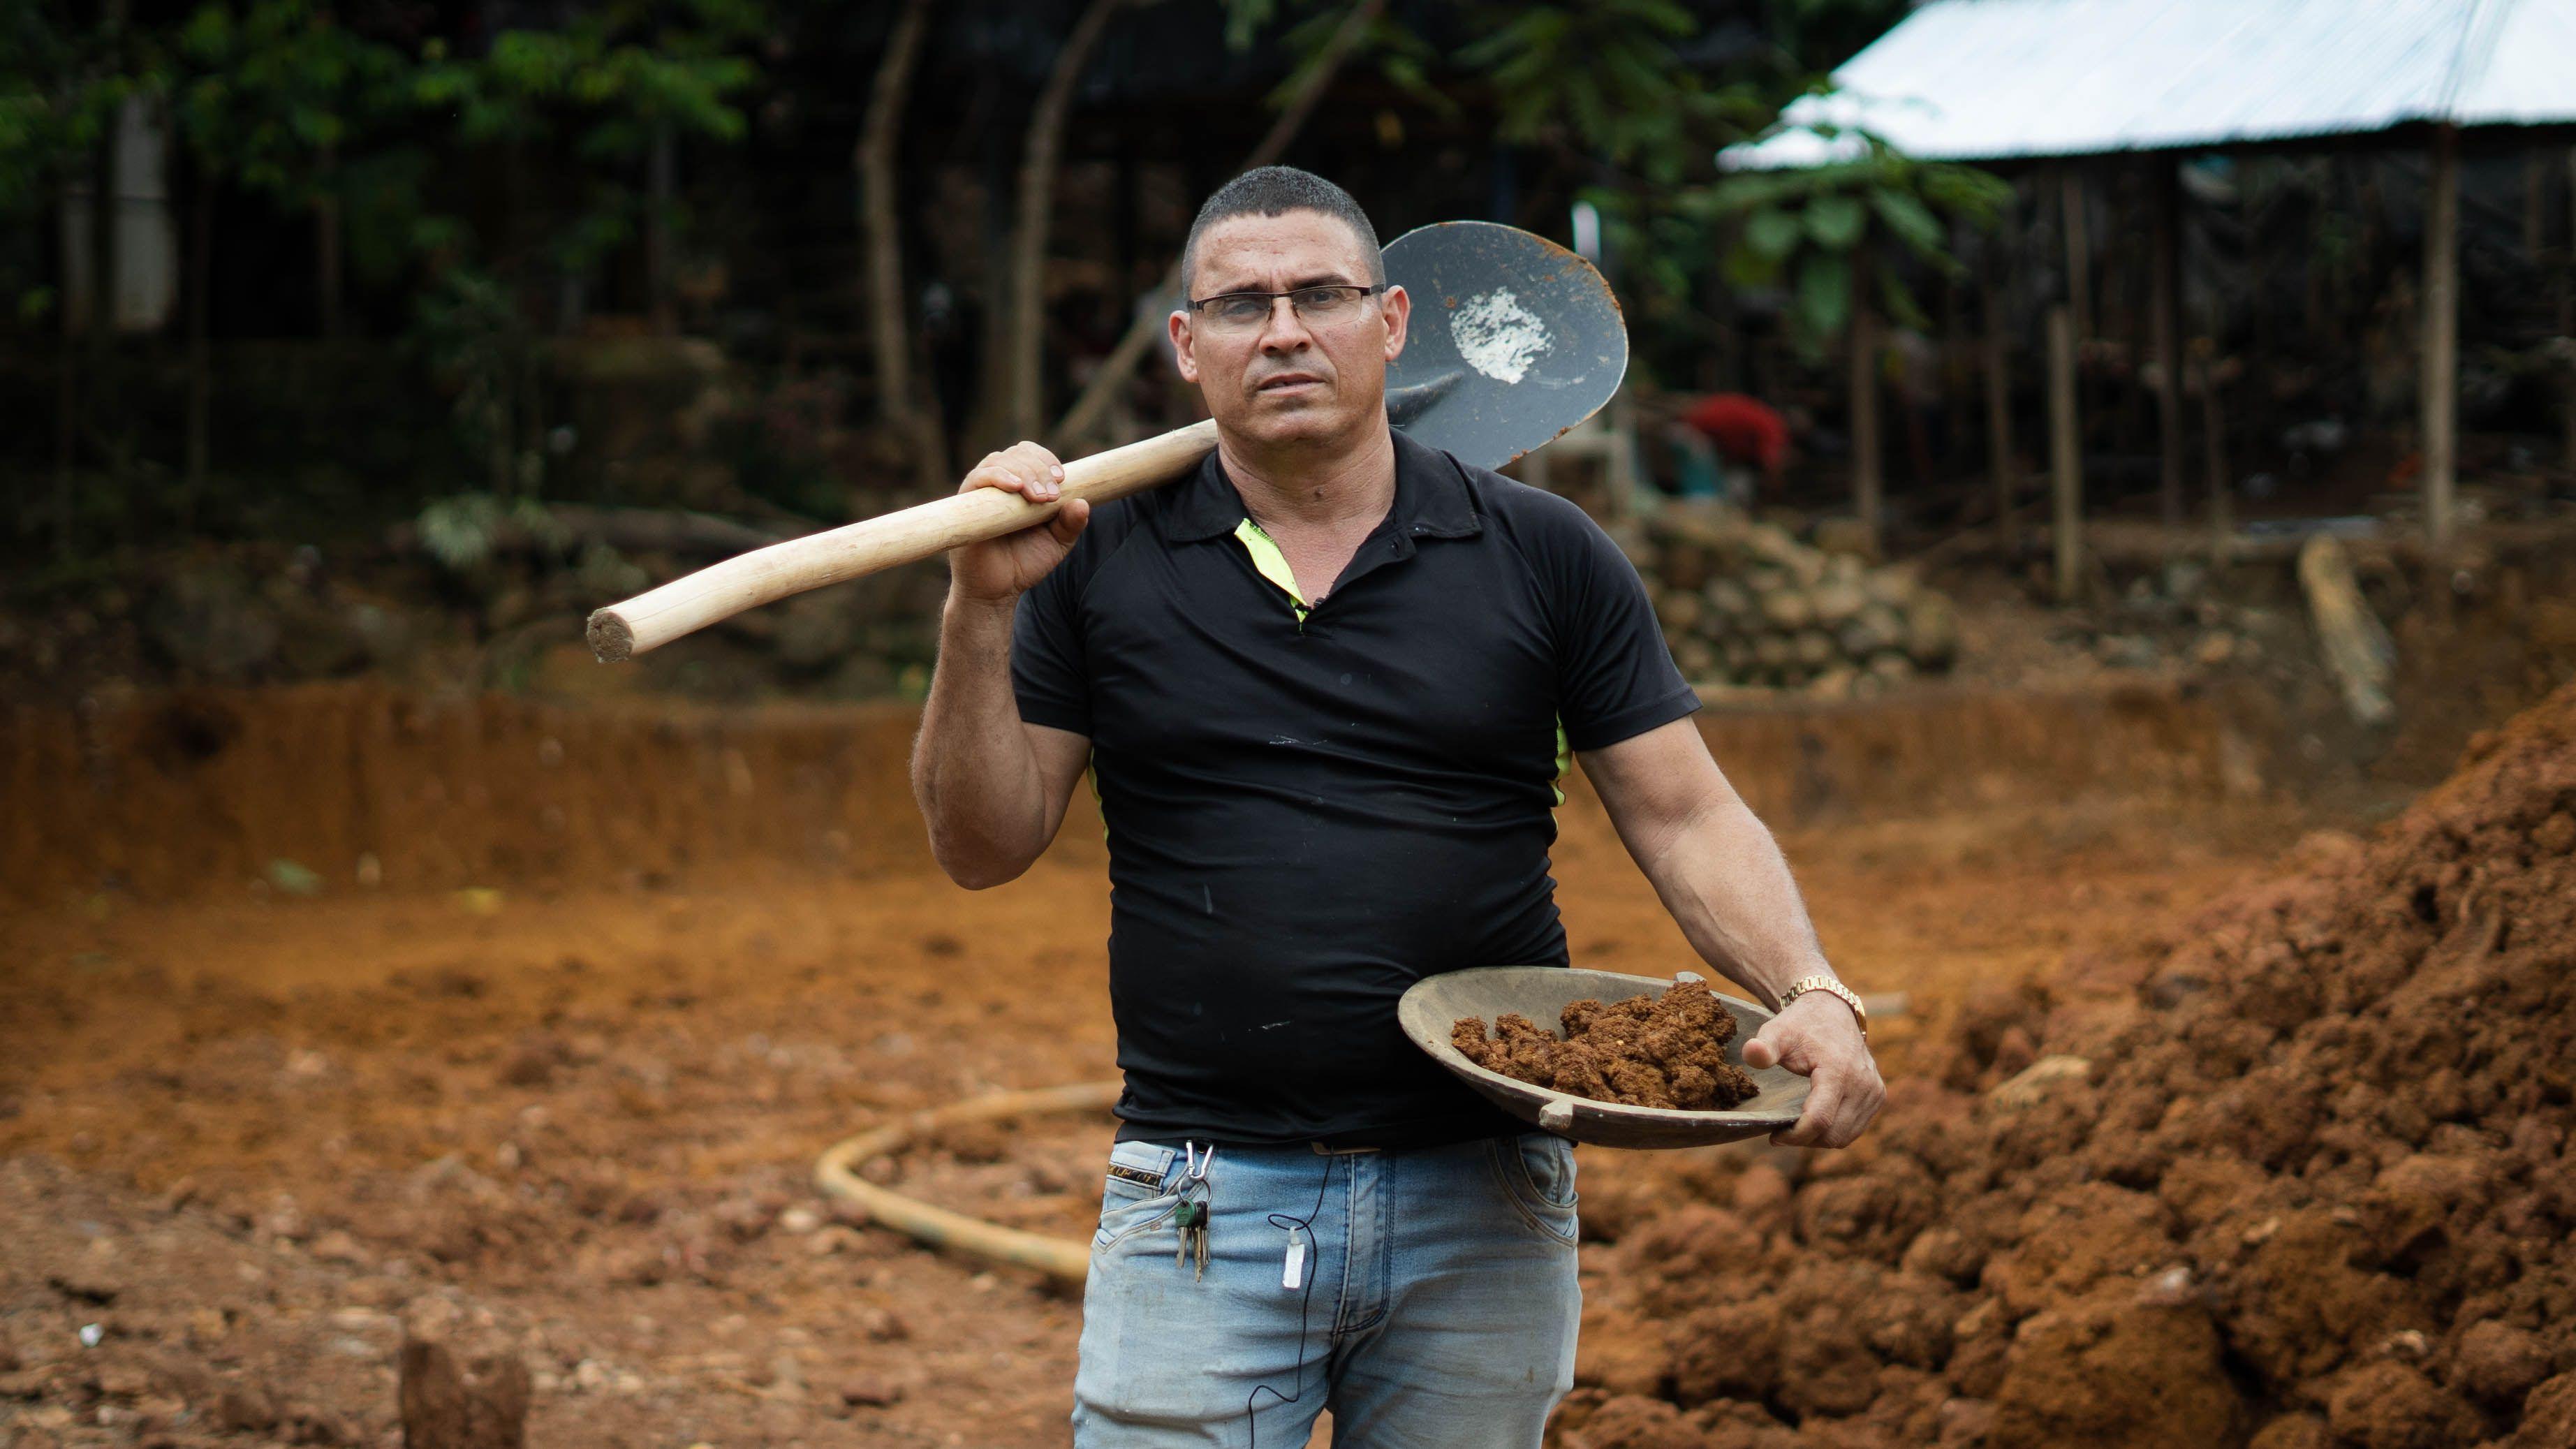 Eliécer Velásquez, el líder más representativo de la mina El Alacrán, ha denunciado amenazas por parte de grupos armados y funcionarios de las empresas mineras.